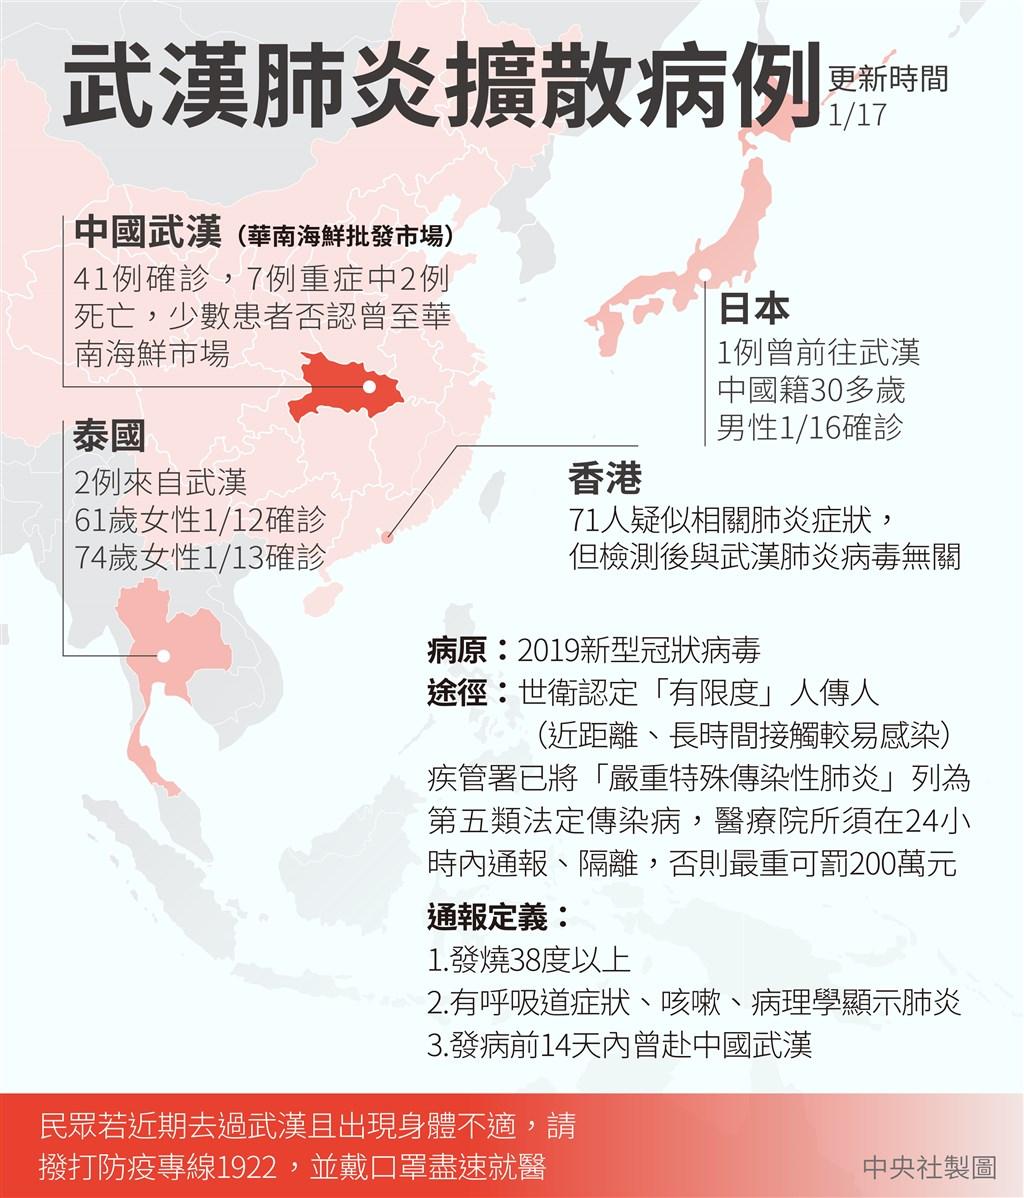 去年12月底爆發於中國武漢的2019新型冠狀病毒肺炎,已在日本、泰國出現確診病例,在香港、越南出現懷疑個案,但在14億人口的中國大陸,卻沒有傳出其他省市疫情,引發部分民眾質疑。(中央社製圖)